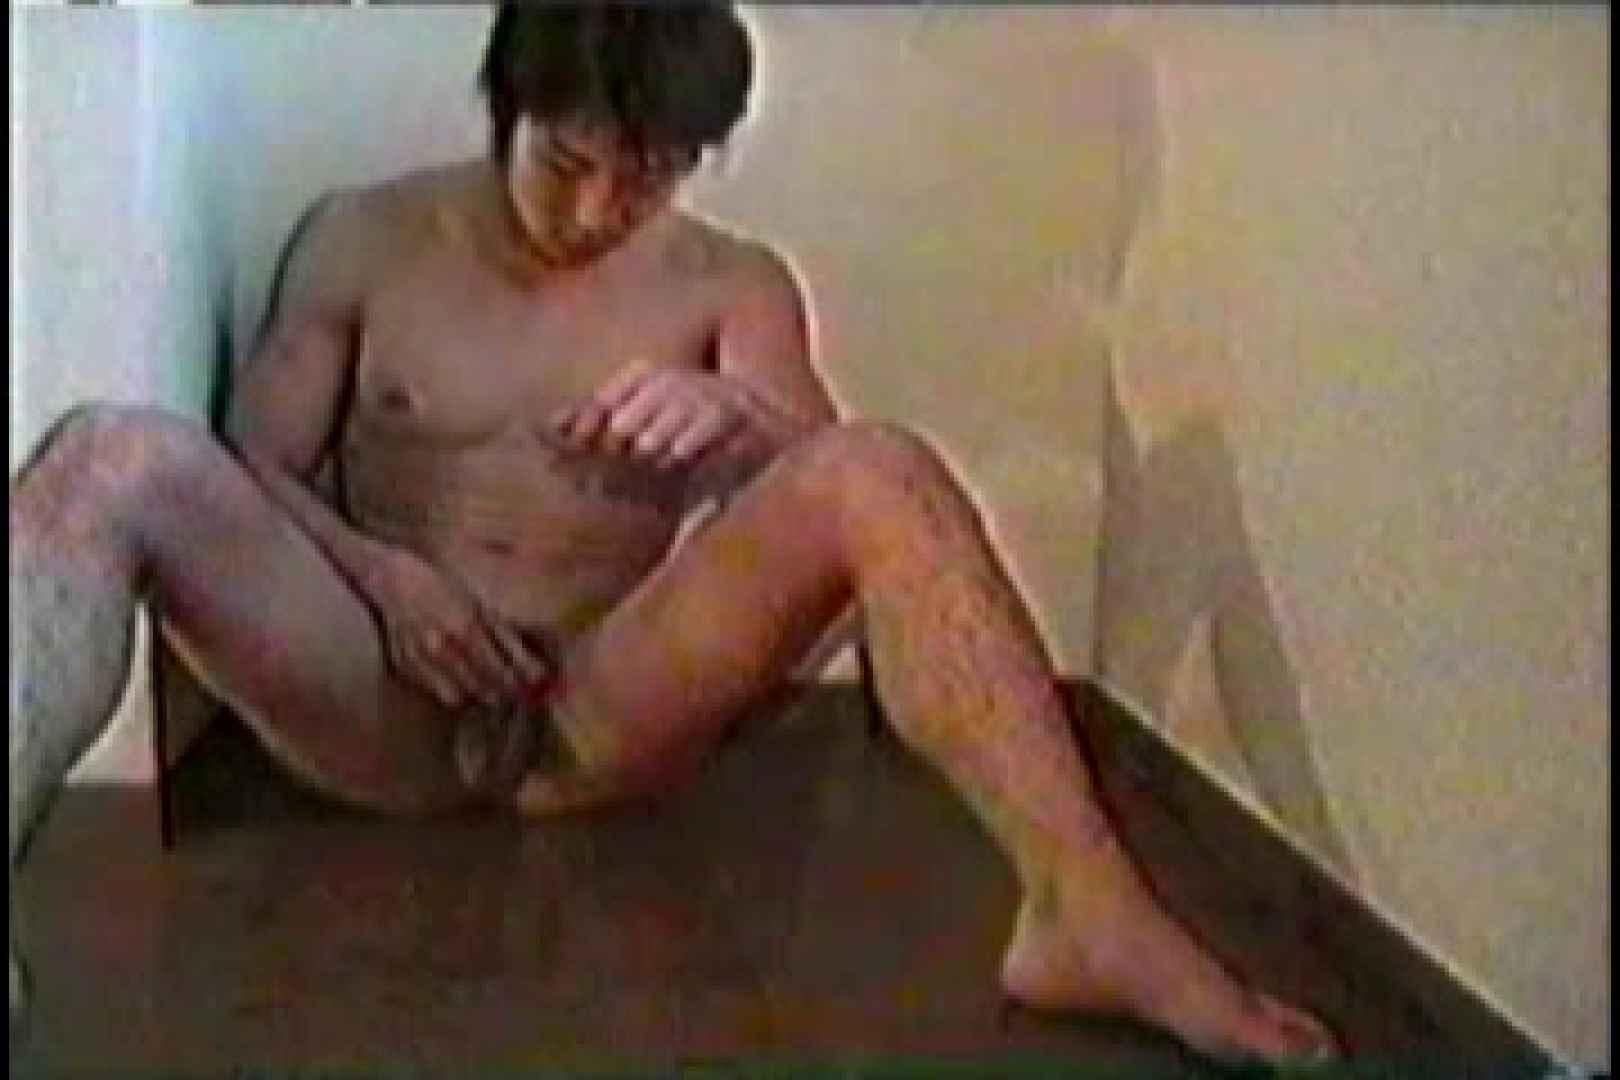 『ノンケ・スポーツマンシップとは・・・! ! 』 第6戦 キン肉 ゲイアダルトビデオ画像 111枚 53